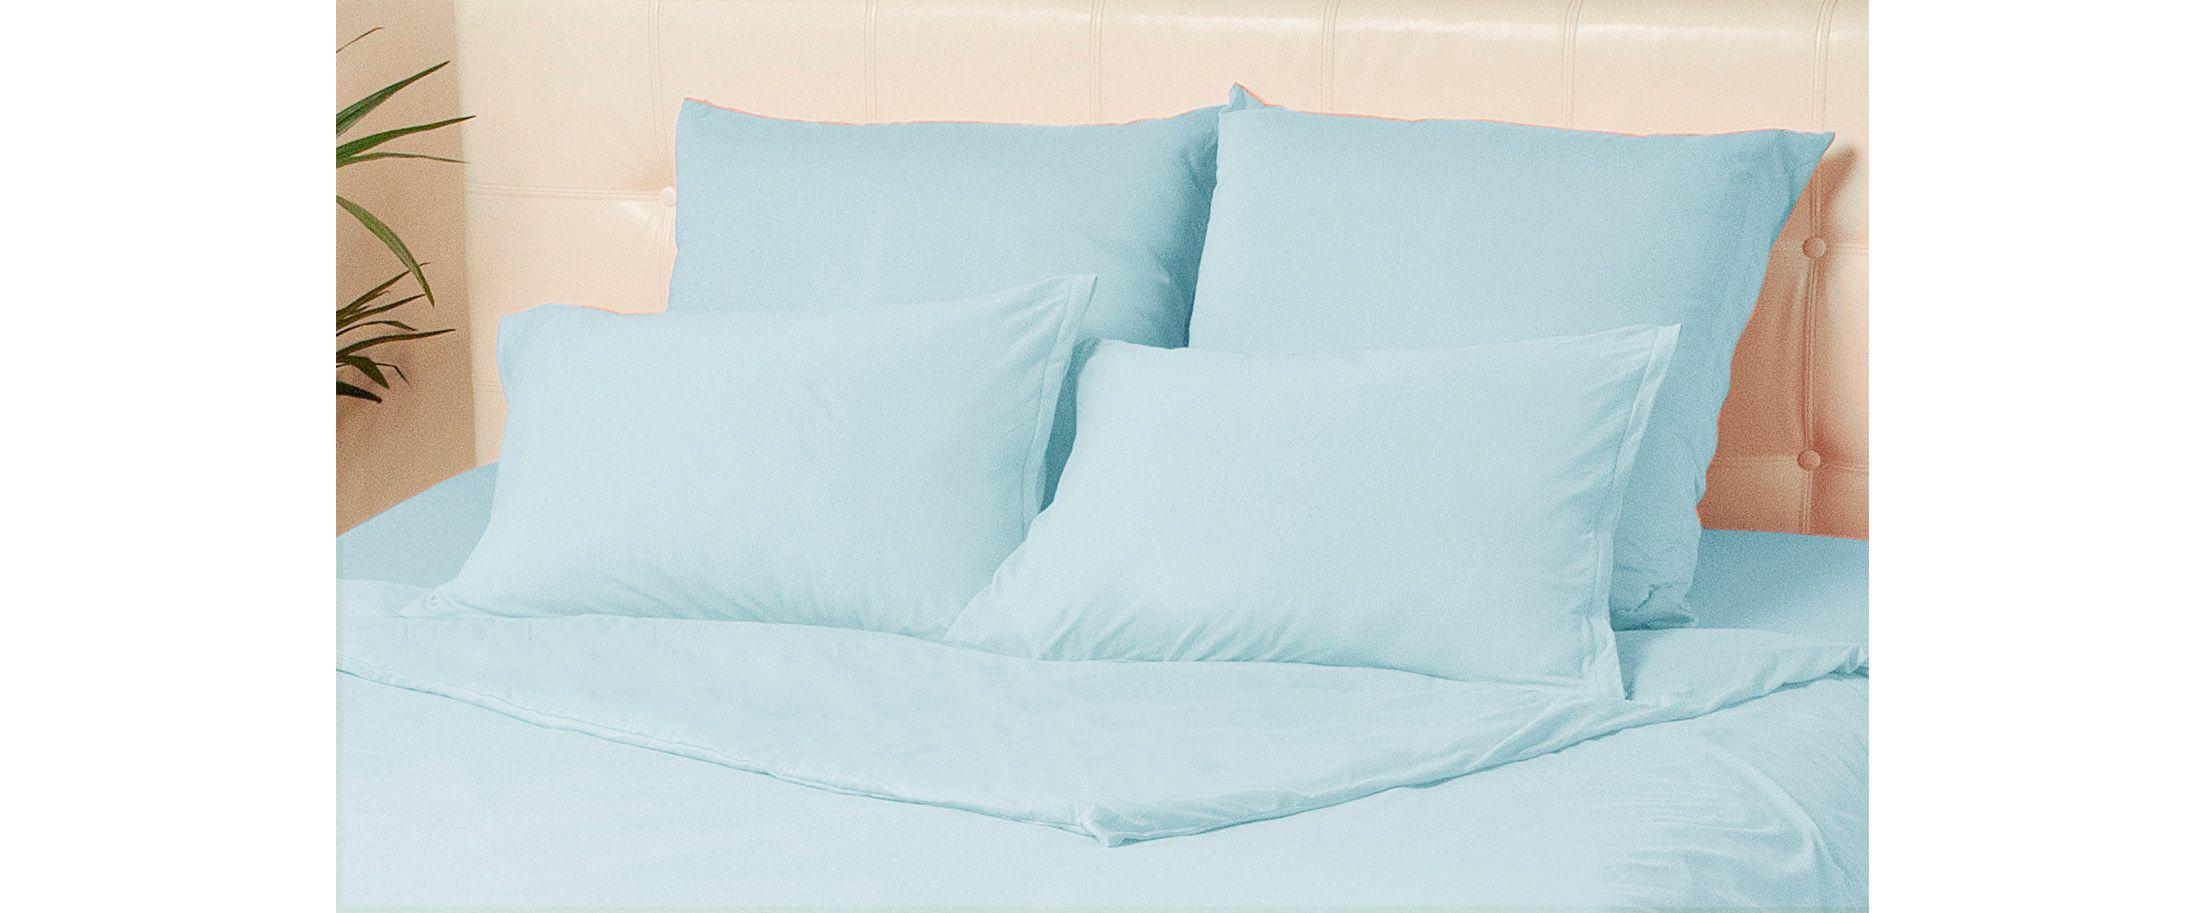 Комплект наволочек на молнии 50х70 голубого цвета Violett Модель 4002 от MOON TRADE